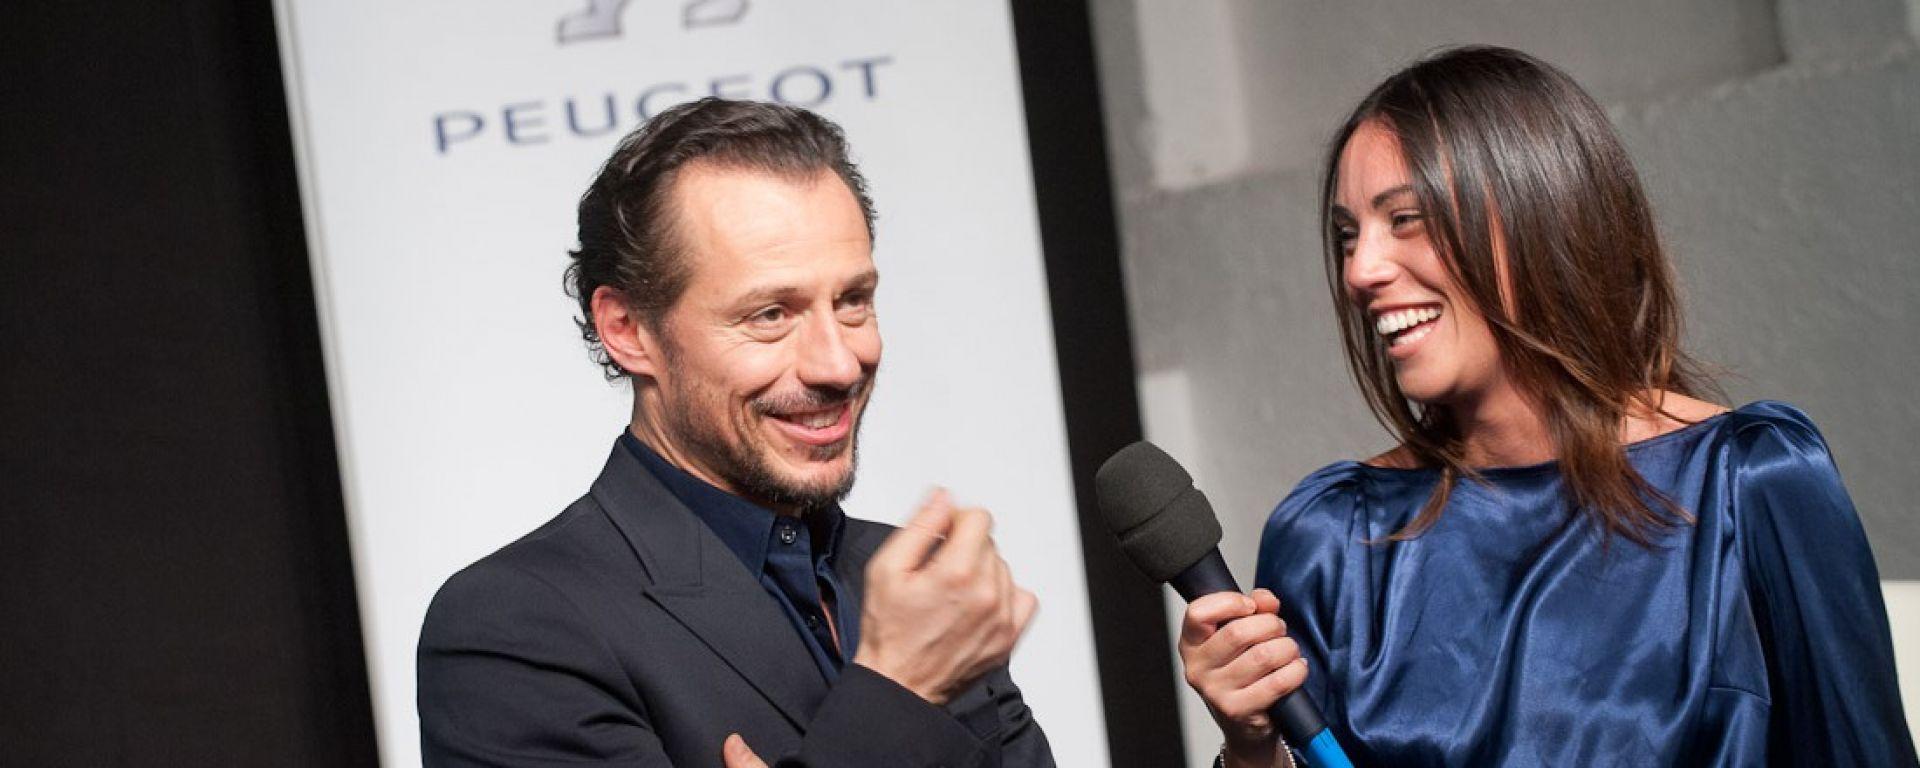 Intervista a Stefano Accorsi